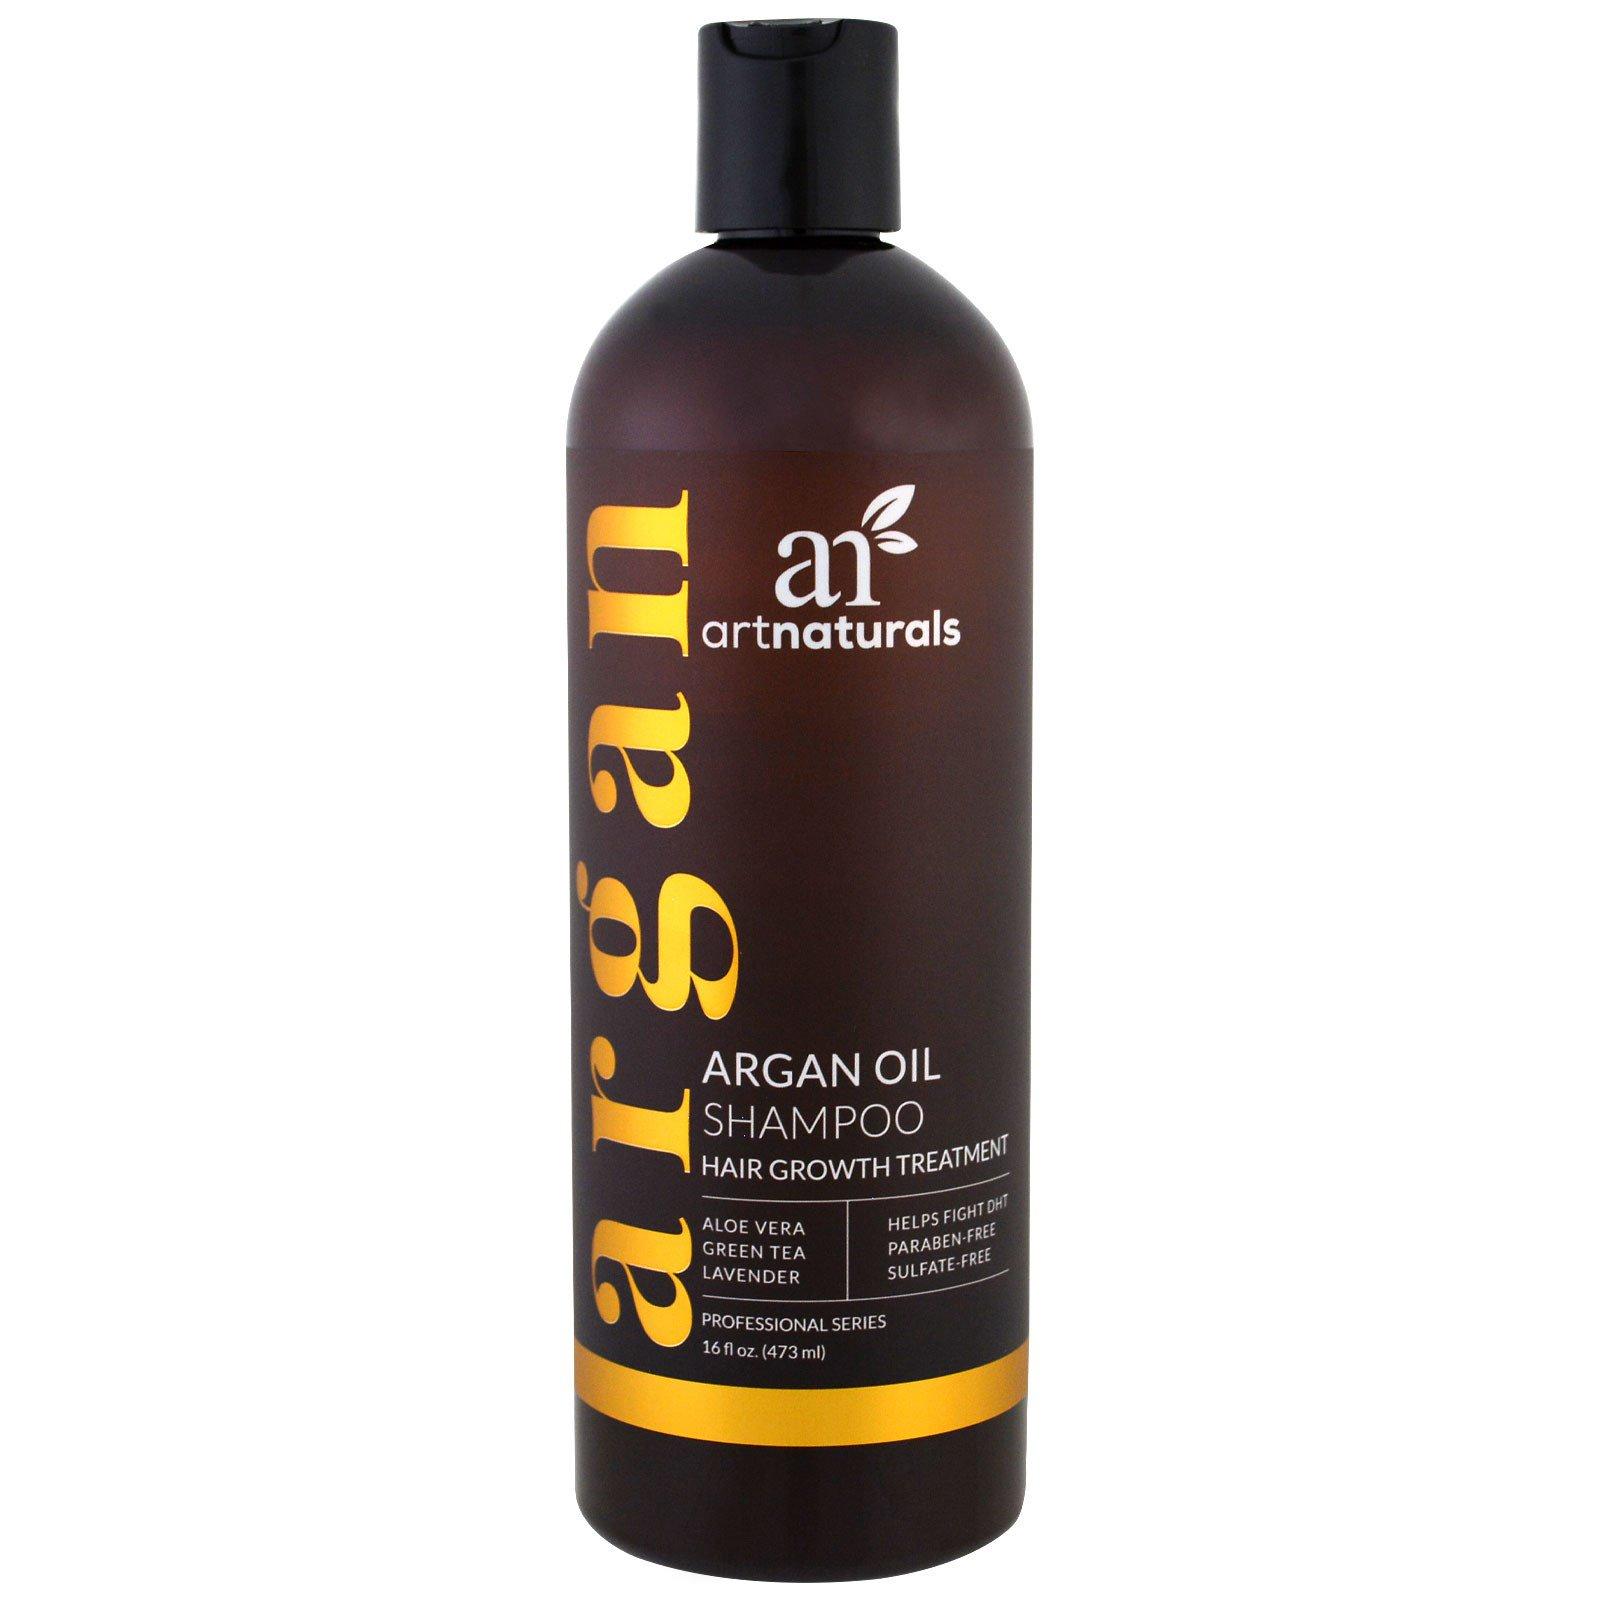 Artnaturals, Шампунь с аргановым маслом, средство для роста волос, 16 жидких унций (473 мл)